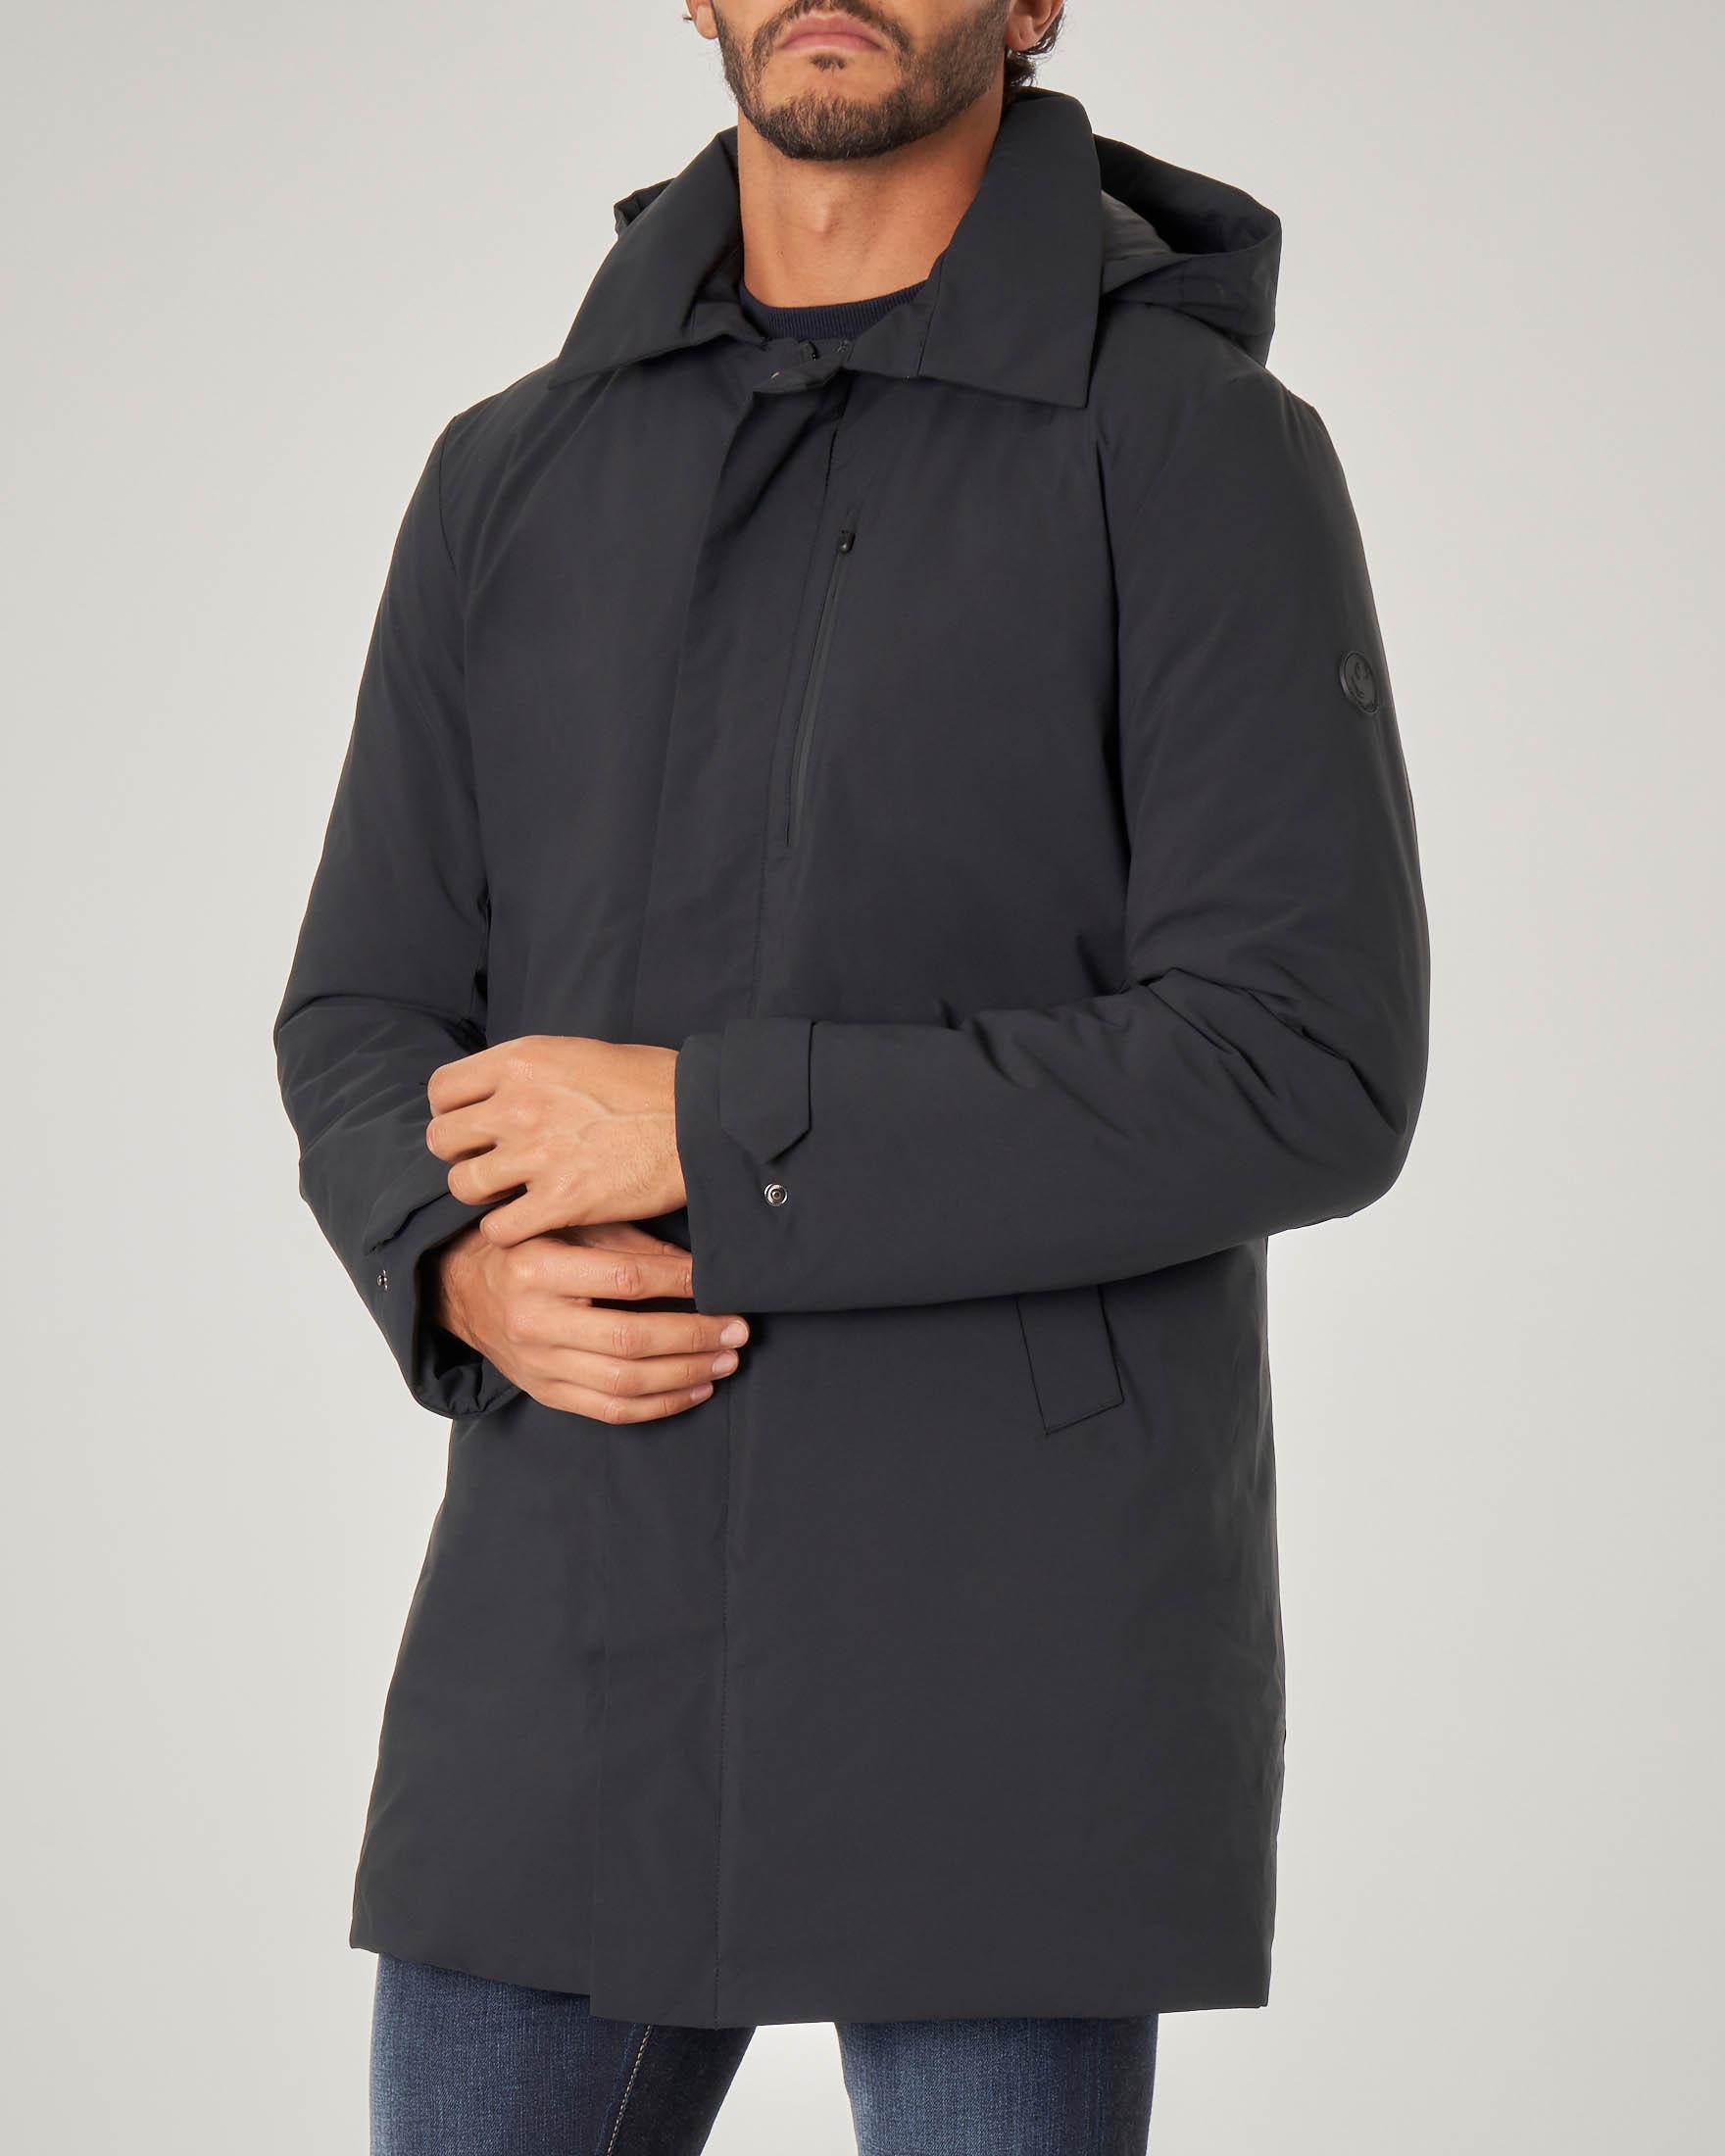 Impermeabile nero con cappuccio staccabile imbottito in Plumtech®